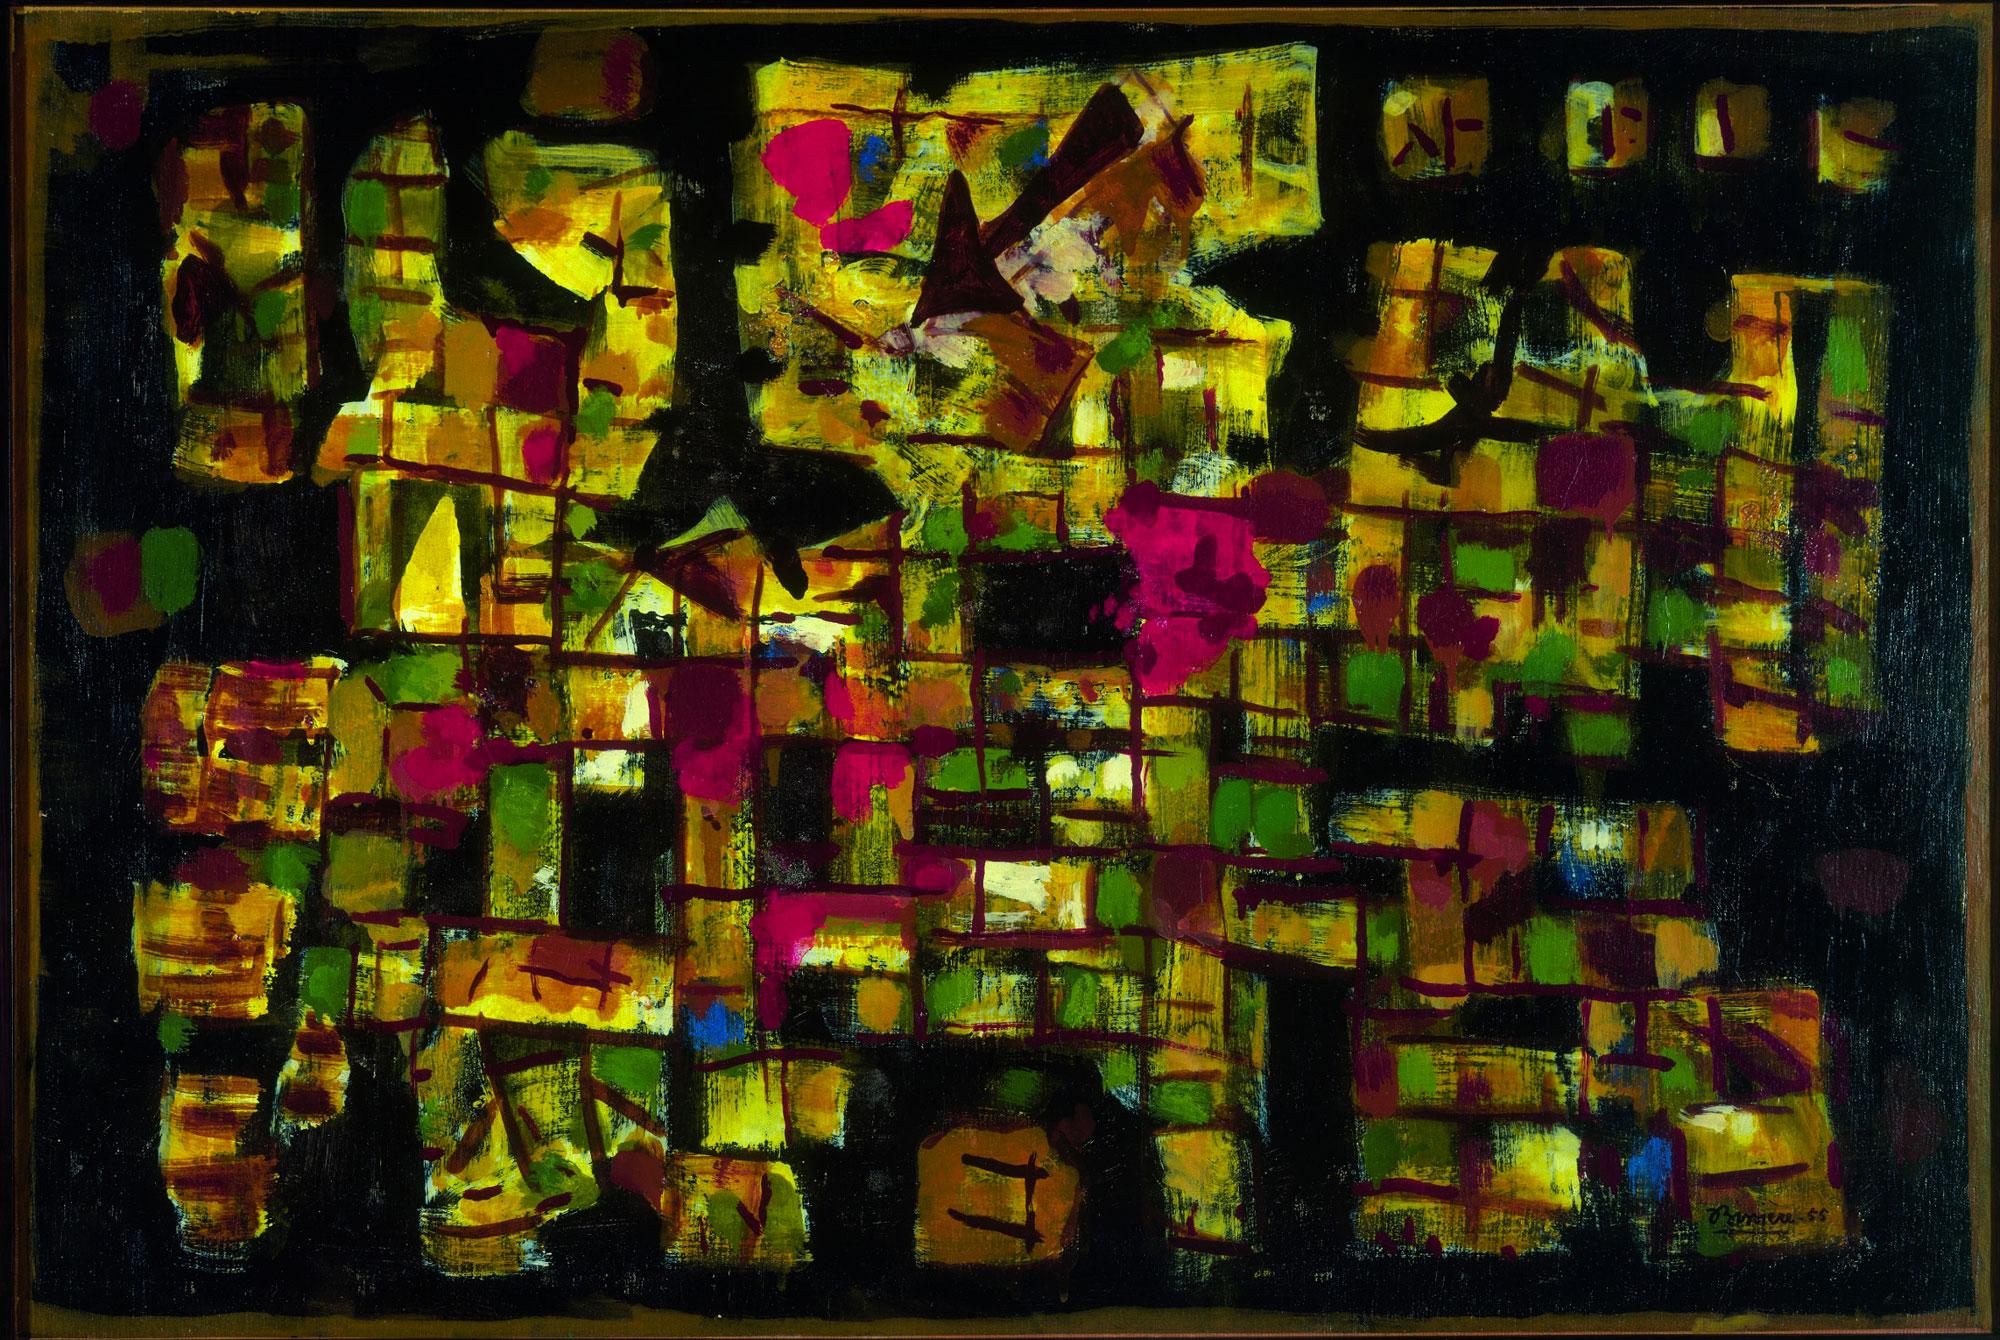 Voyage au bout de la nuit, 1955 – Huile sur toile, 77 x 114 cm - Coll. Part. – Bissière cat. raisonné n° 2233 © Steven Morlier